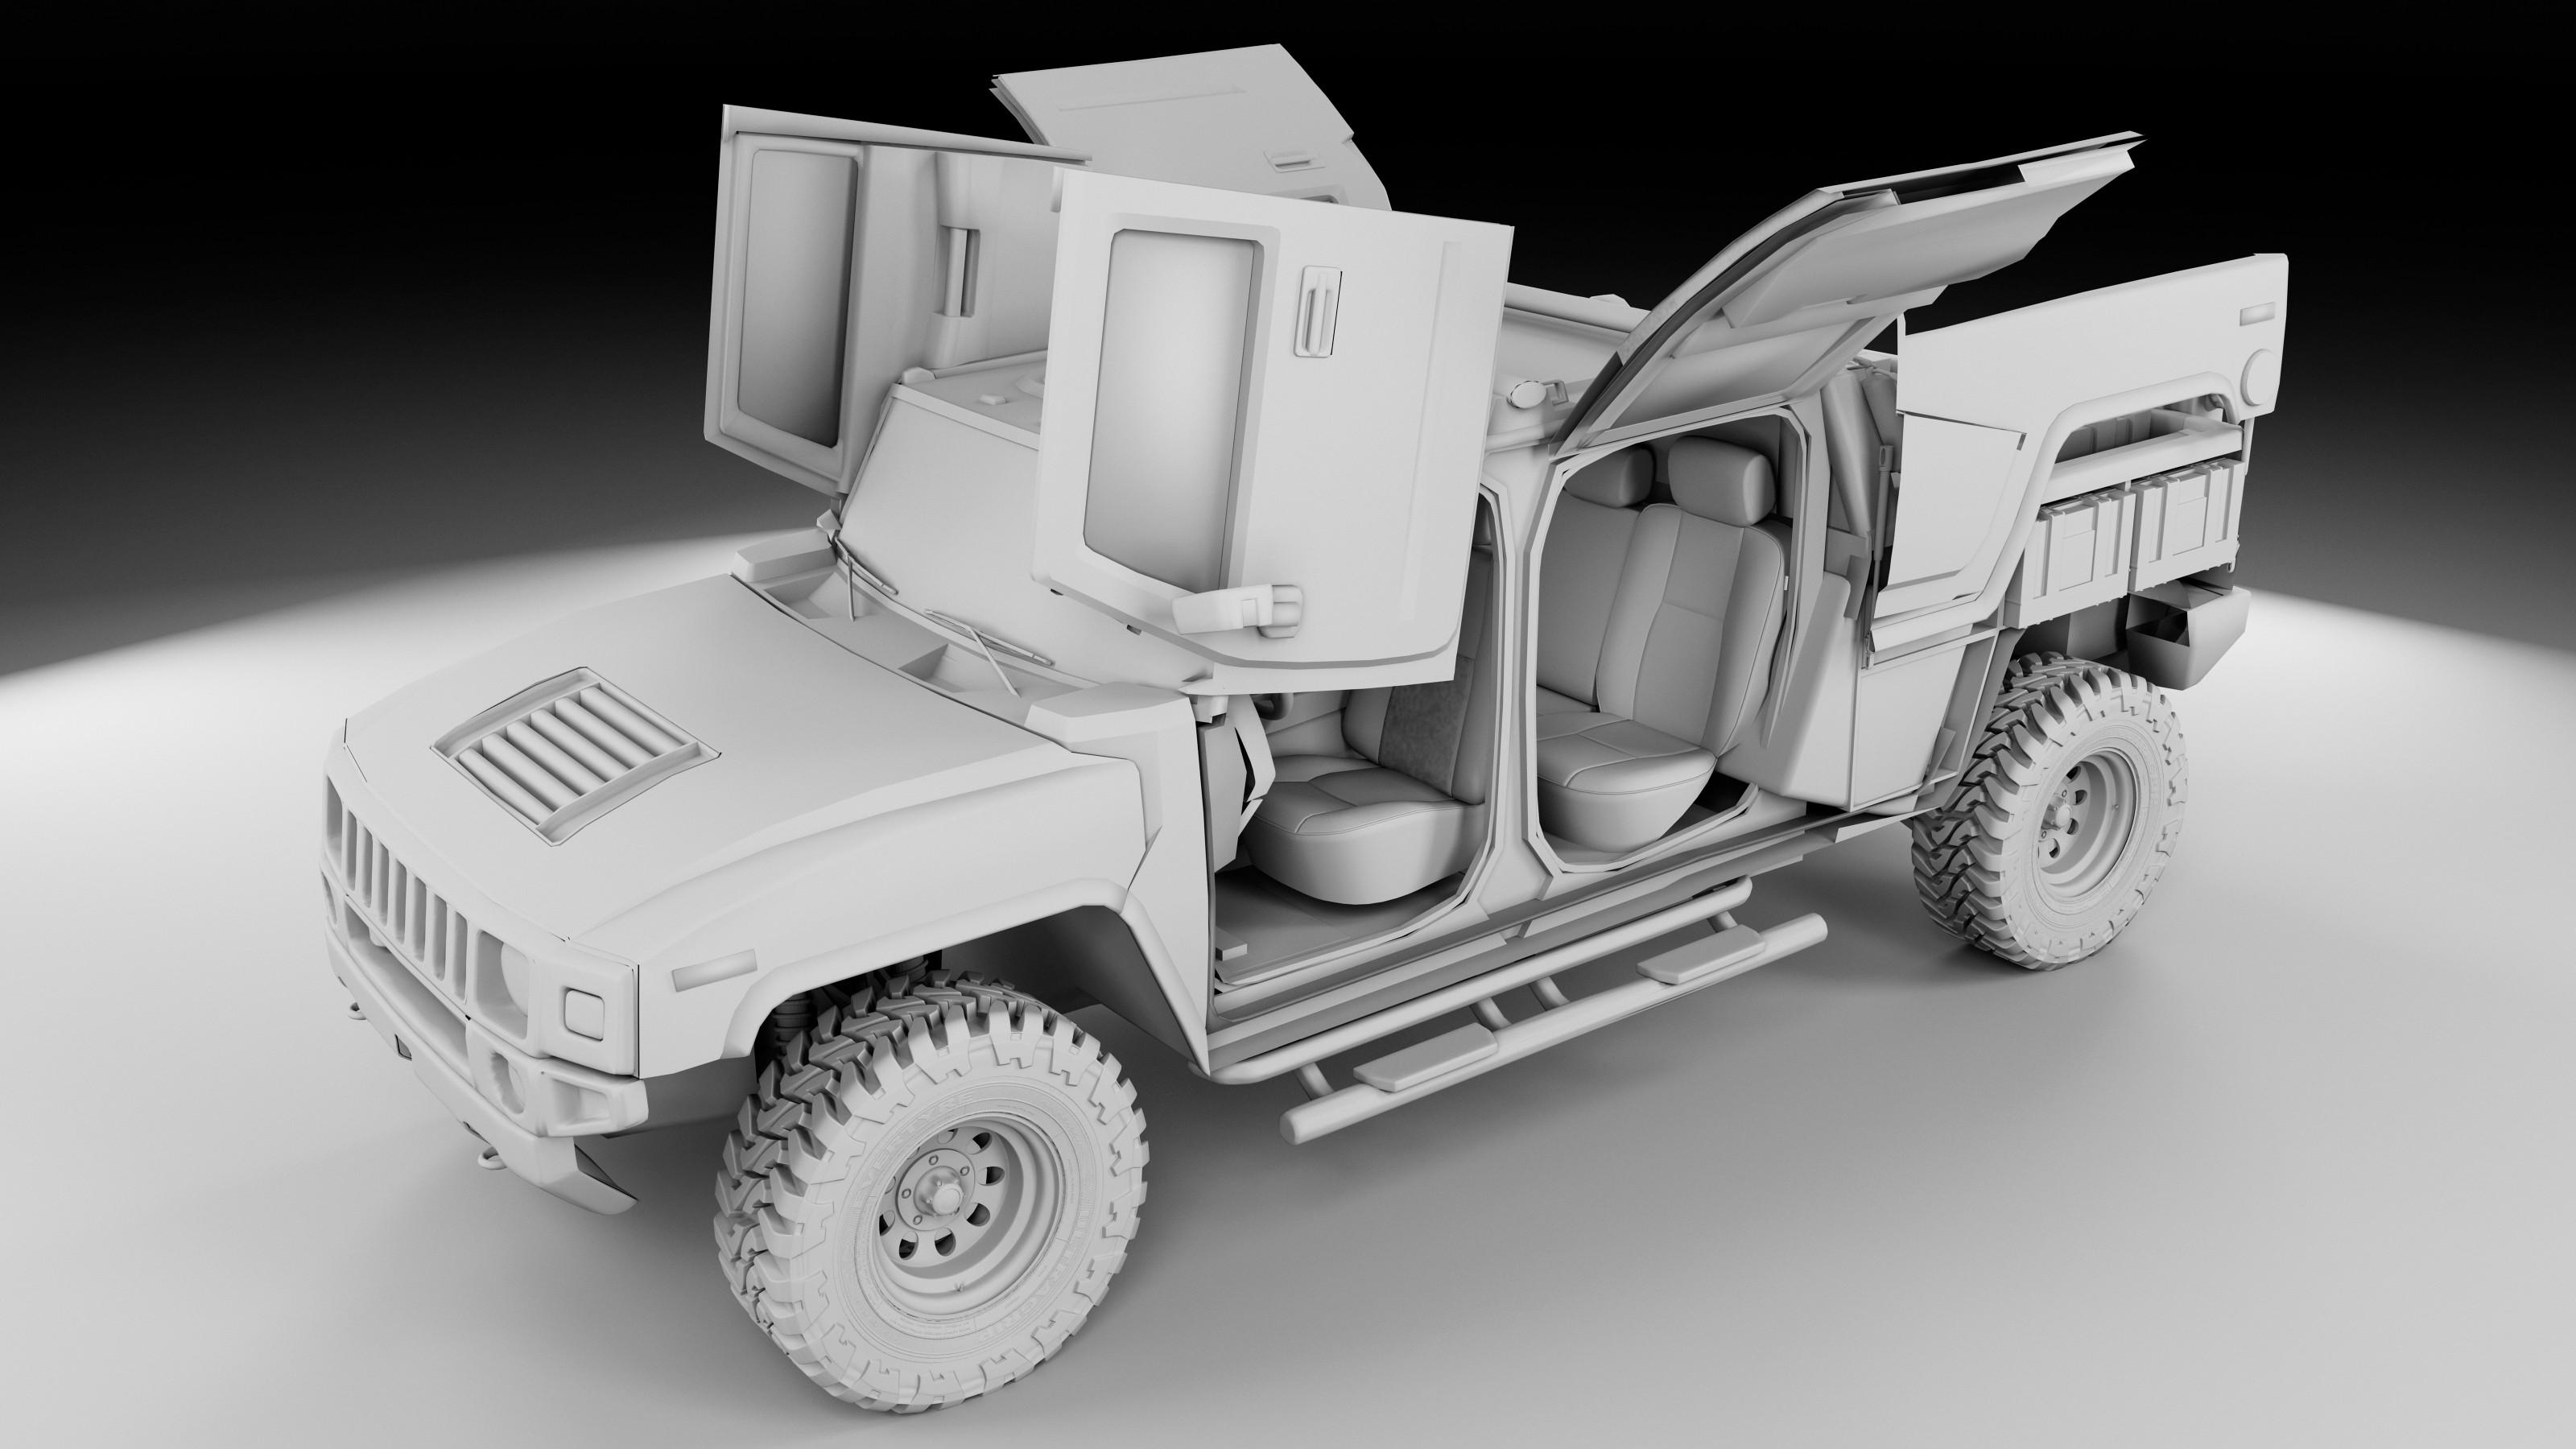 Hummer H3T design